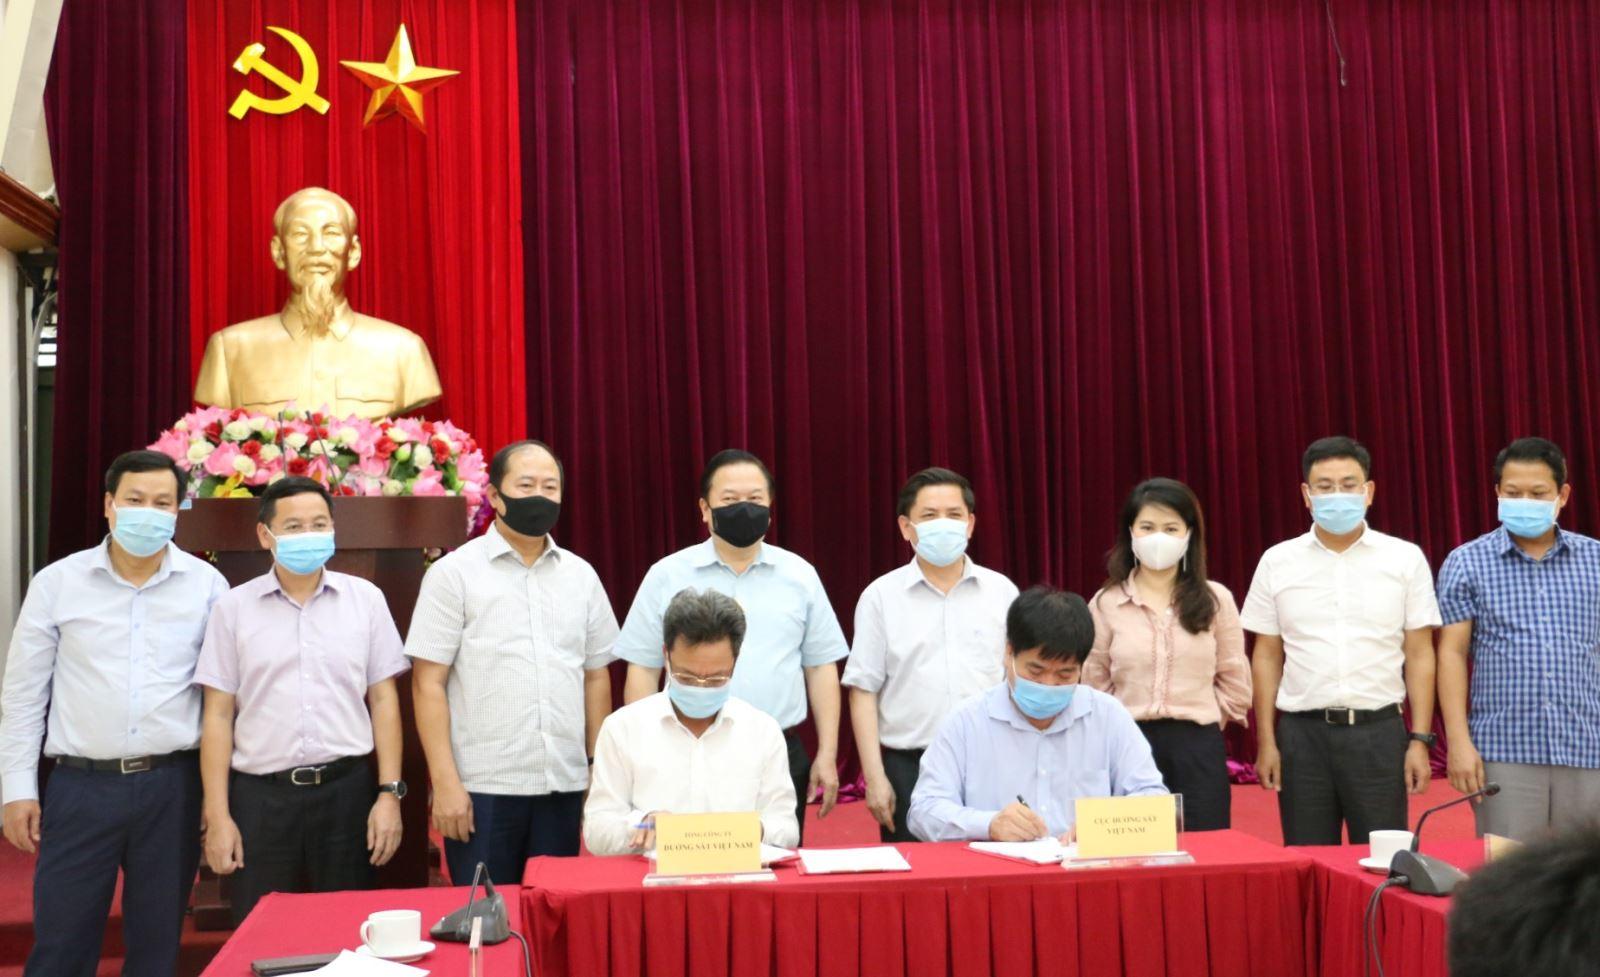 VNR nhận dự án bảo trì đường sắt Việt Nam hơn 2.800 tỷ đồng - Ảnh 1.